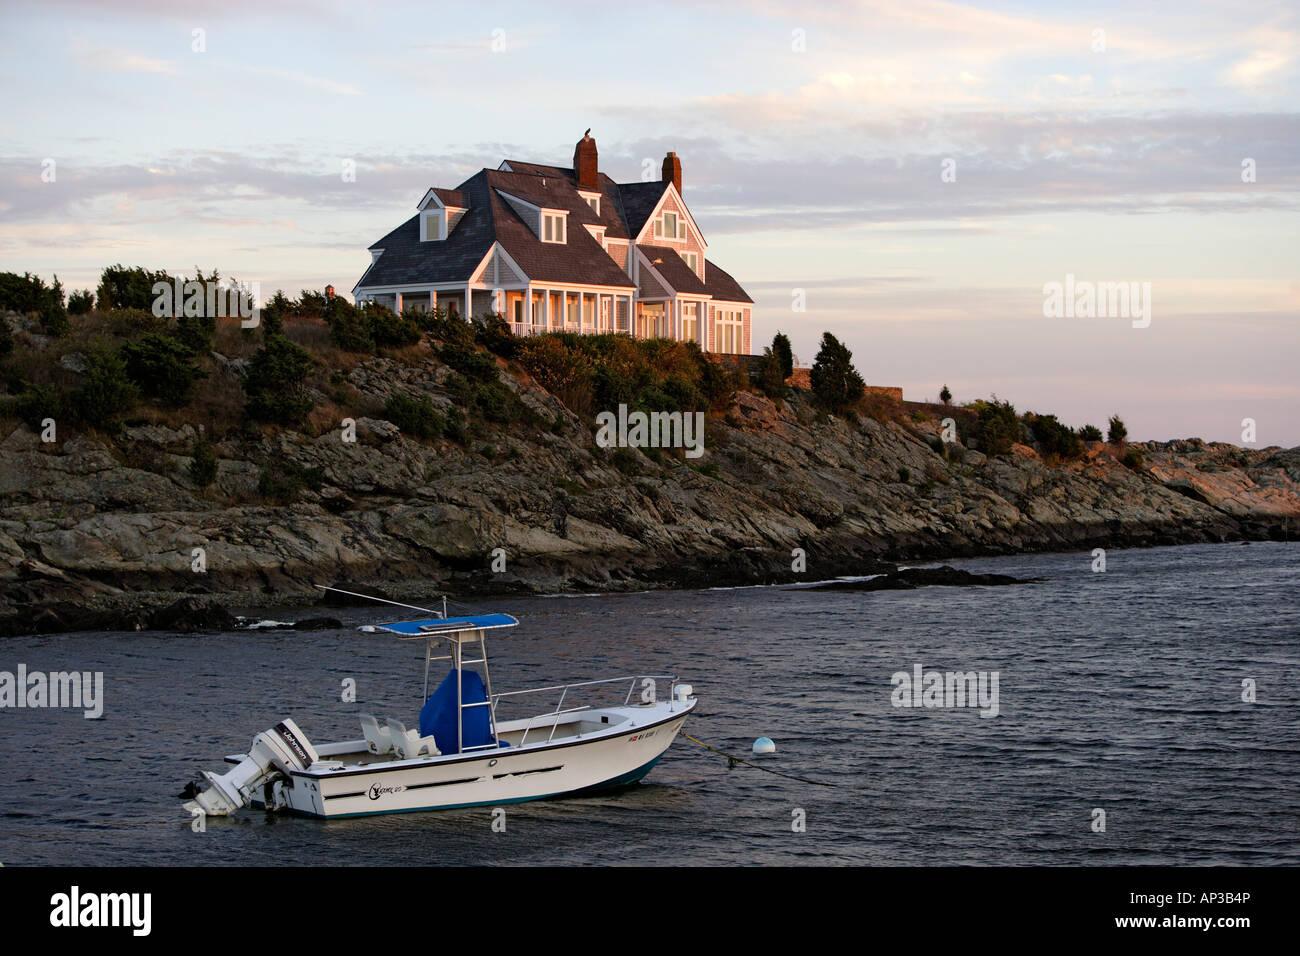 Case esclusive su Ocean Drive a Newport, Rhode Island, Stati Uniti d Ameica, STATI UNITI D'AMERICA Foto Stock